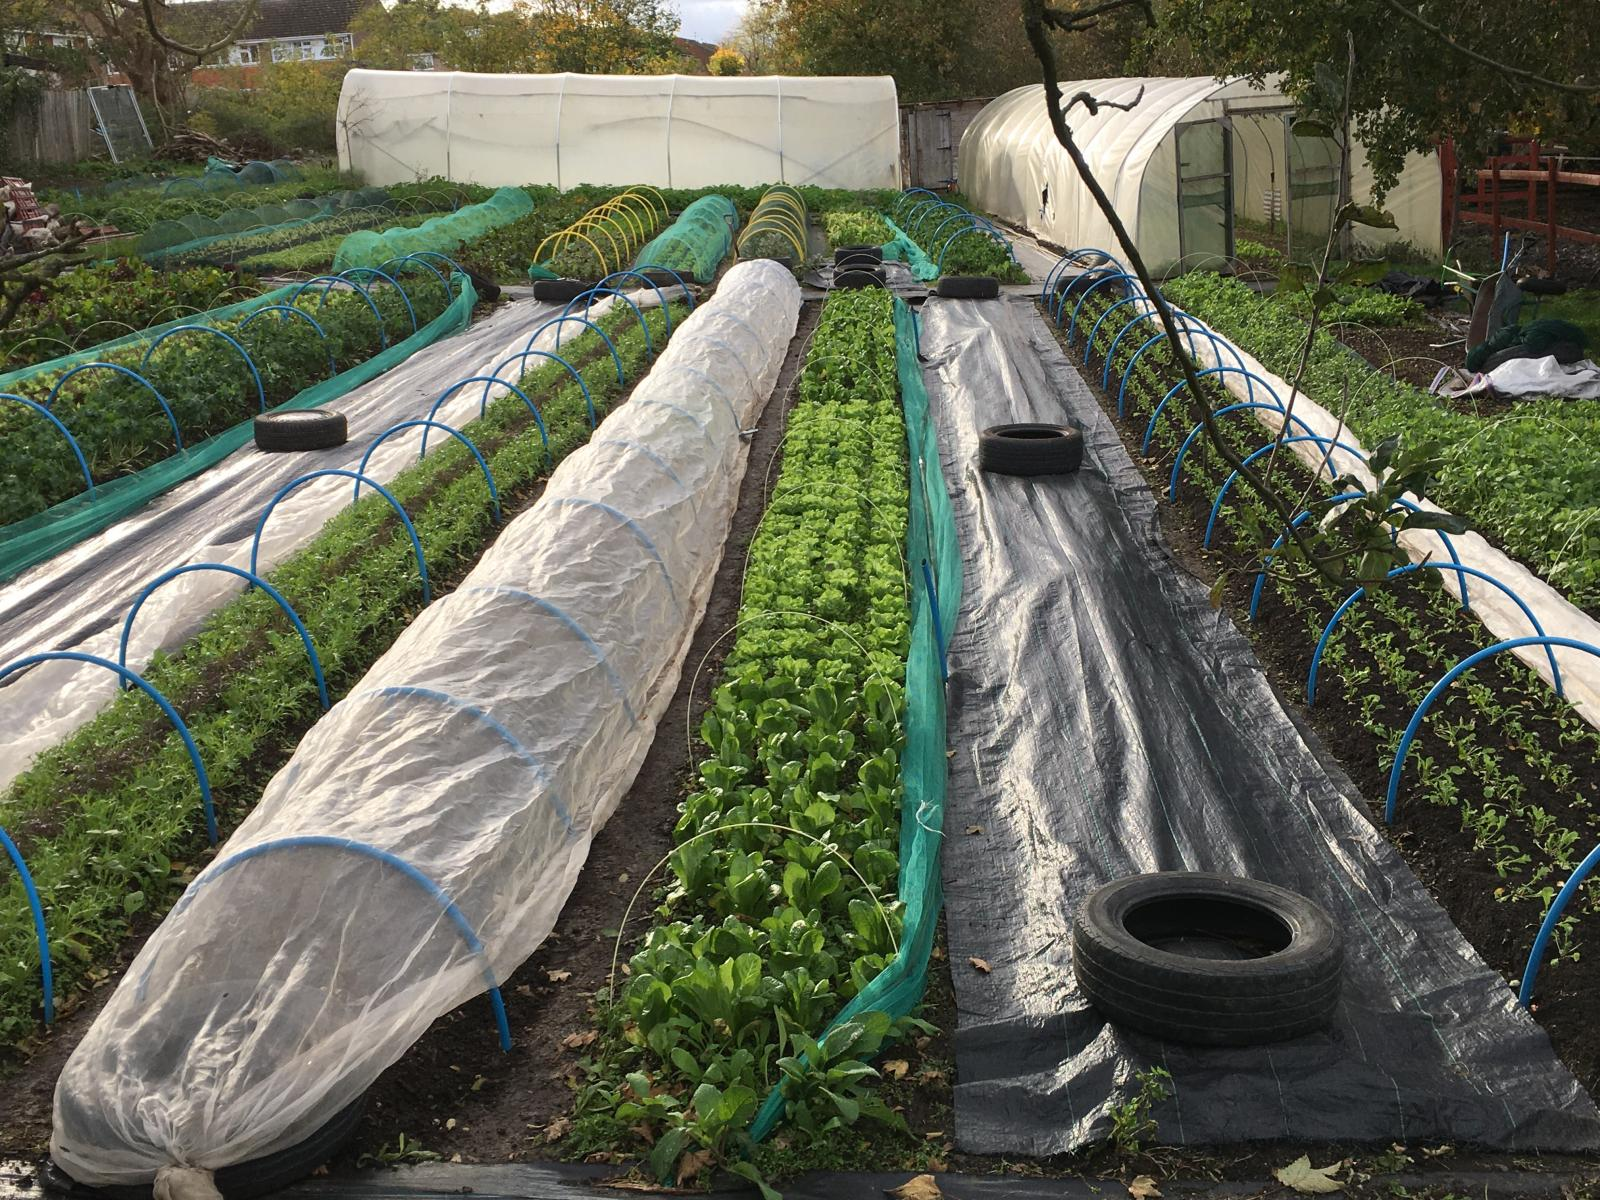 Photo credit: Keats Organics Farm